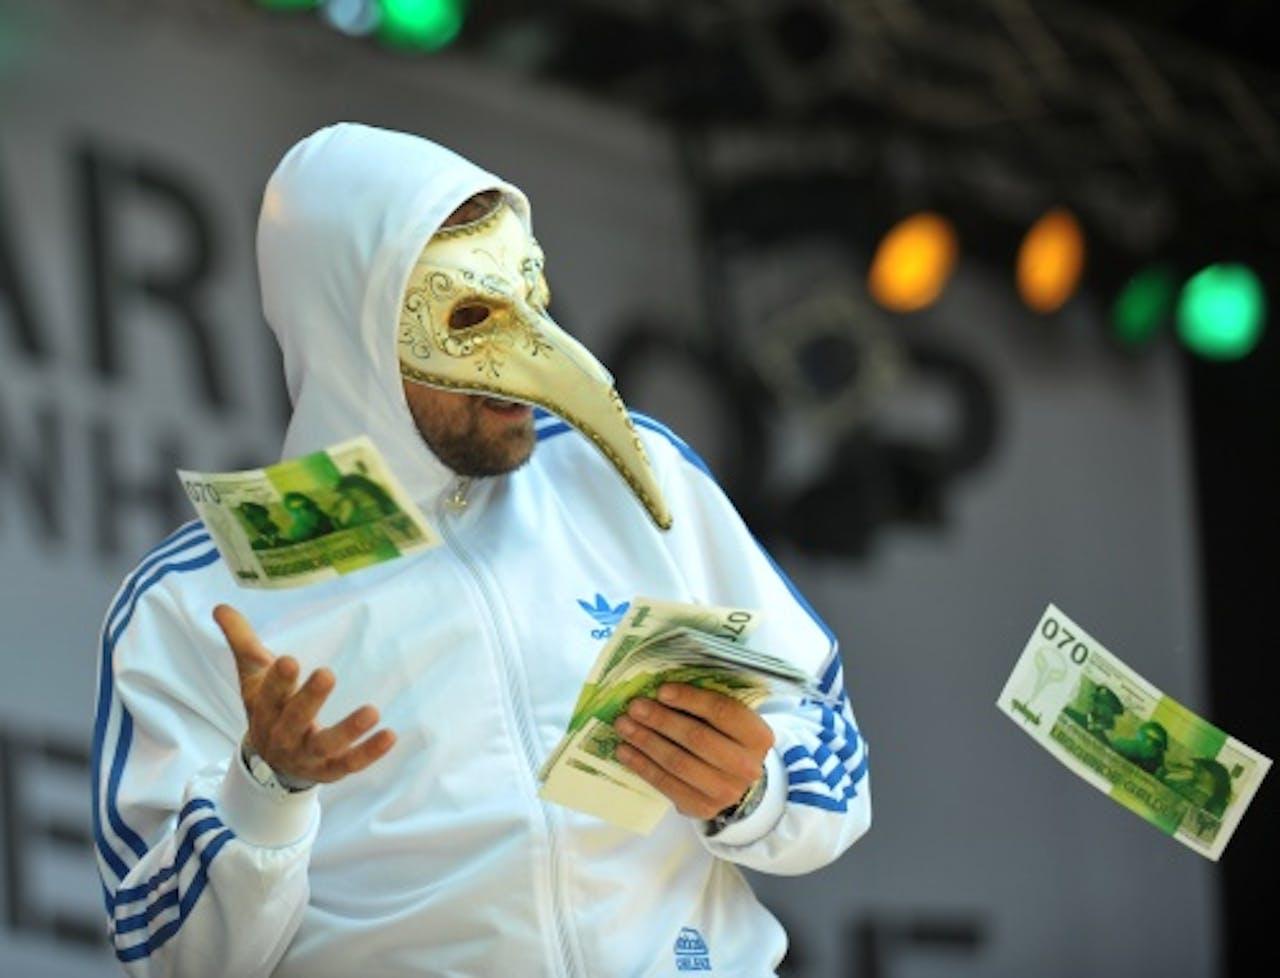 De Kraaien strooiden zelfs met geld. ANP